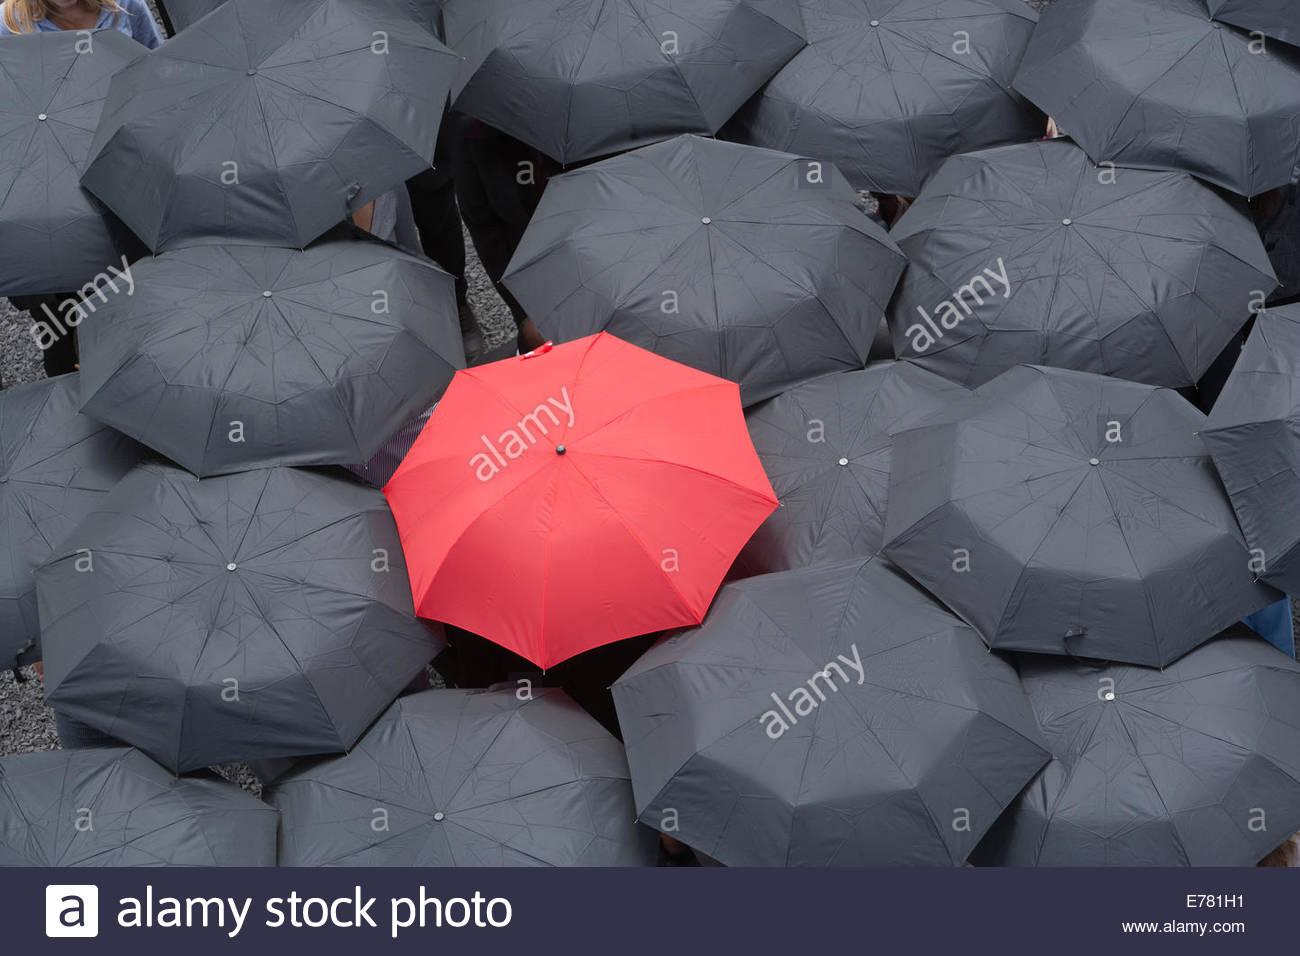 Un ombrello rosso al centro della più ombrelloni nero Immagini Stock